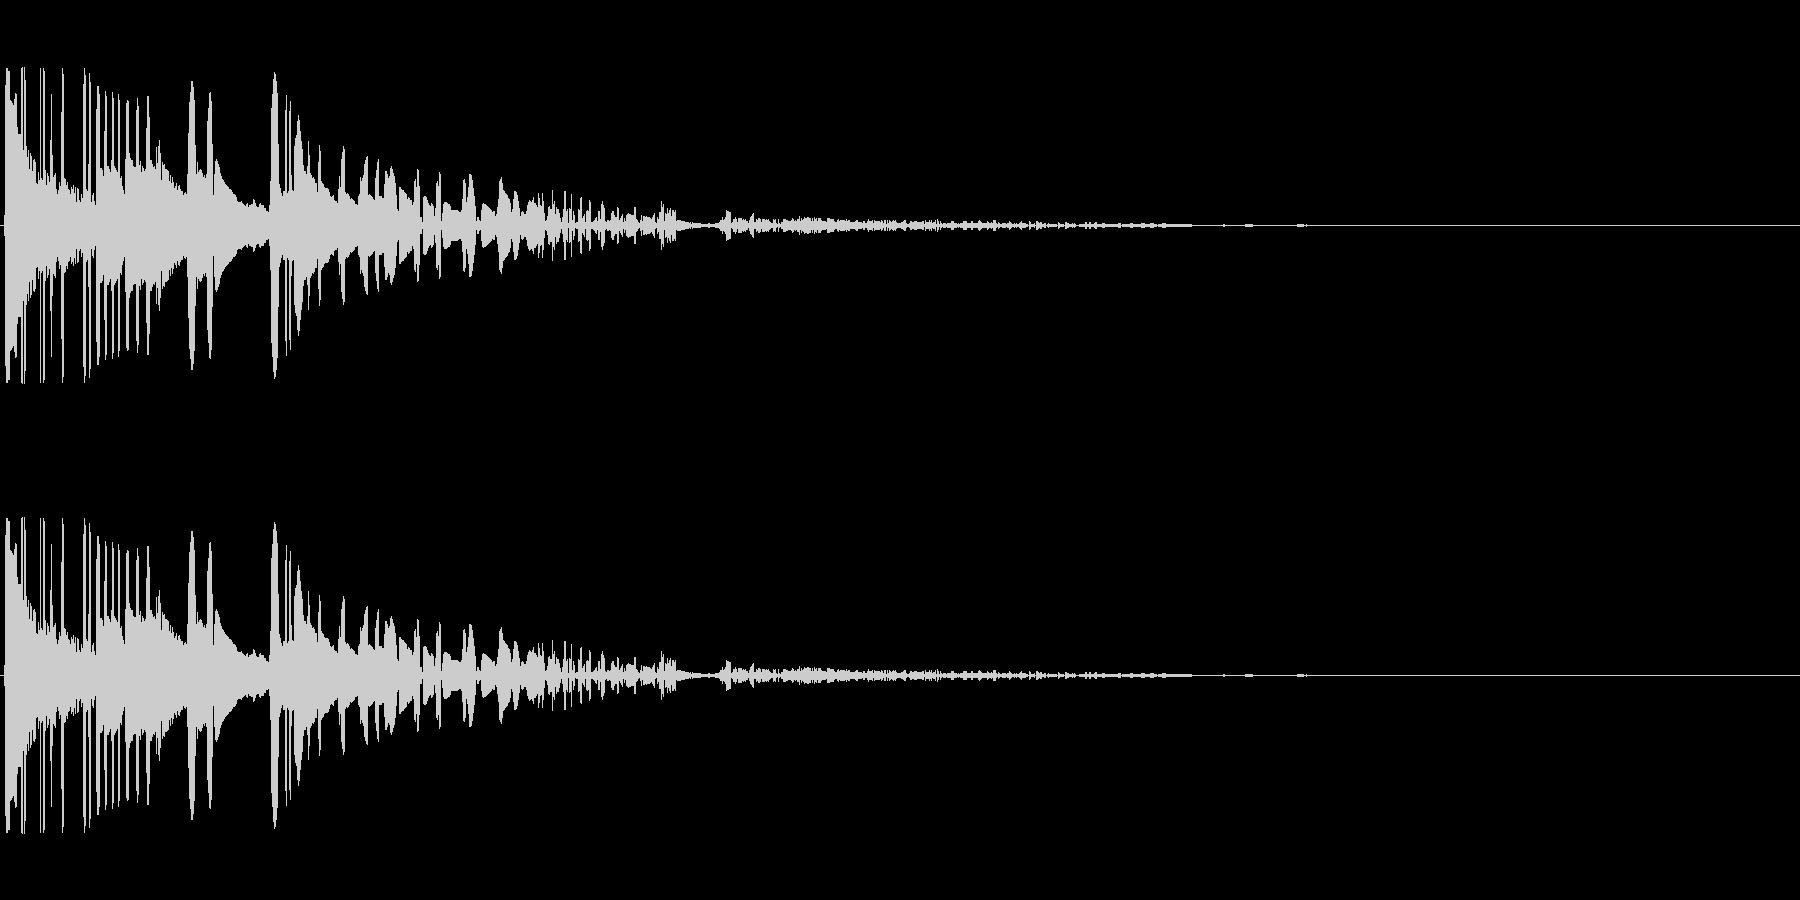 ドサッ(落下や倒れる衝撃音)03の未再生の波形